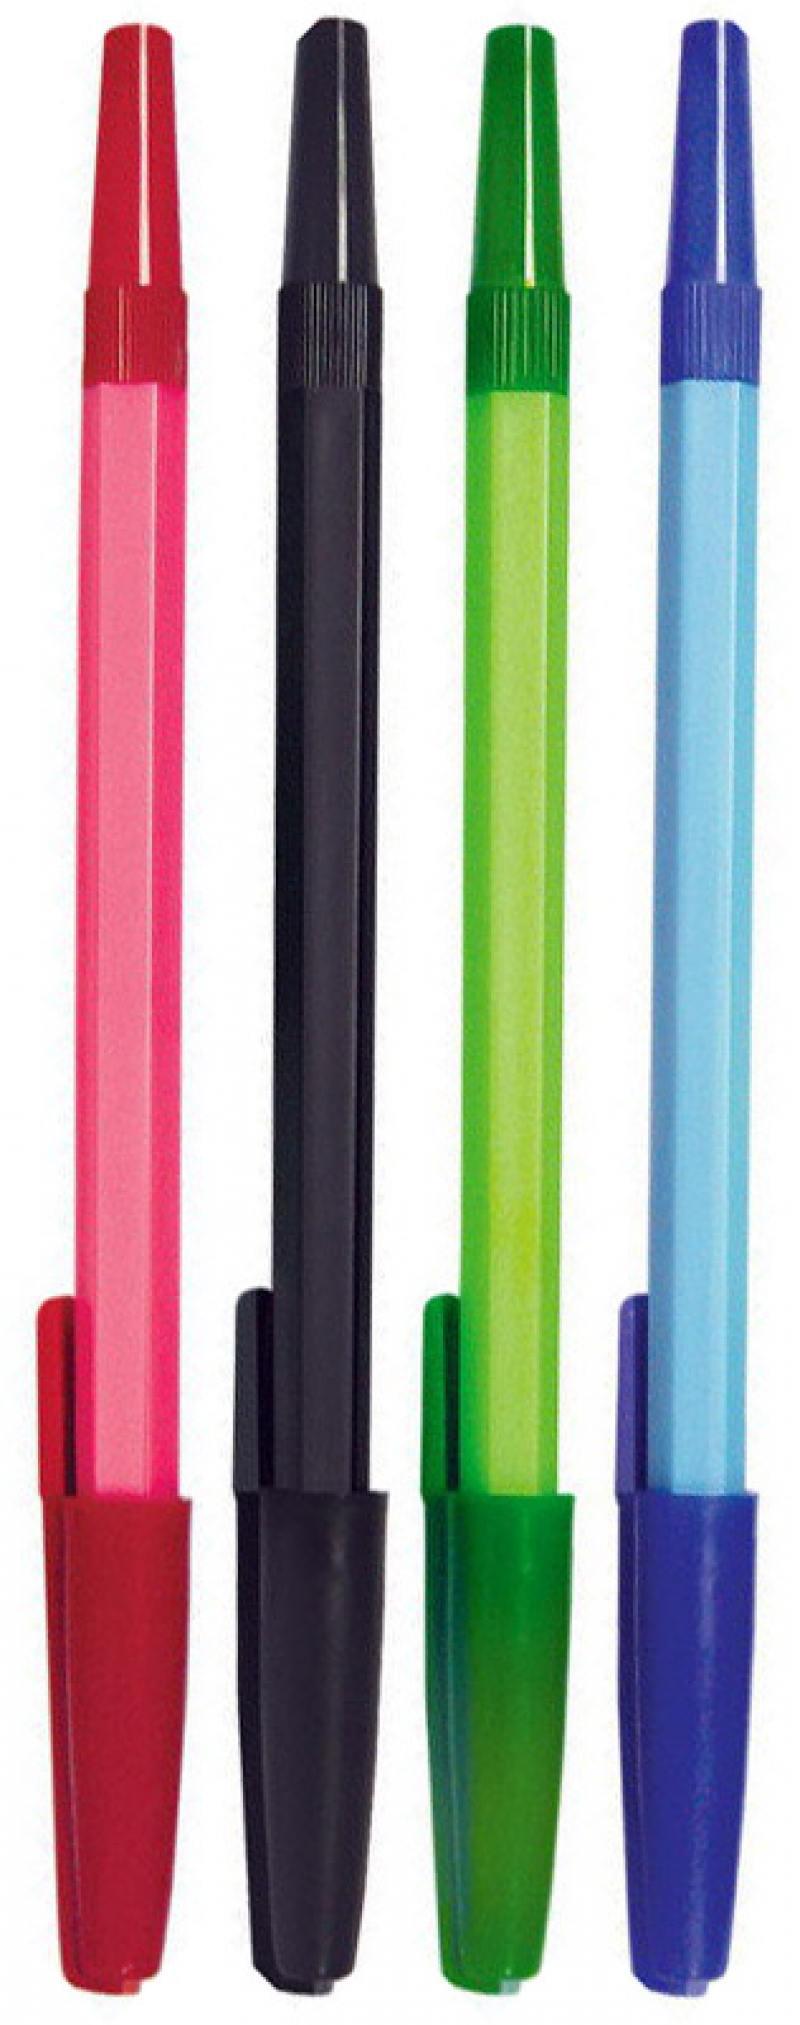 Набор шариковых ручек СТАММ РШ 049 4 шт черный синий зеленый красный 1 мм РШ07 РШ07 набор шариковых ручек стамм ро06 3 шт разноцветный 1 мм ро06